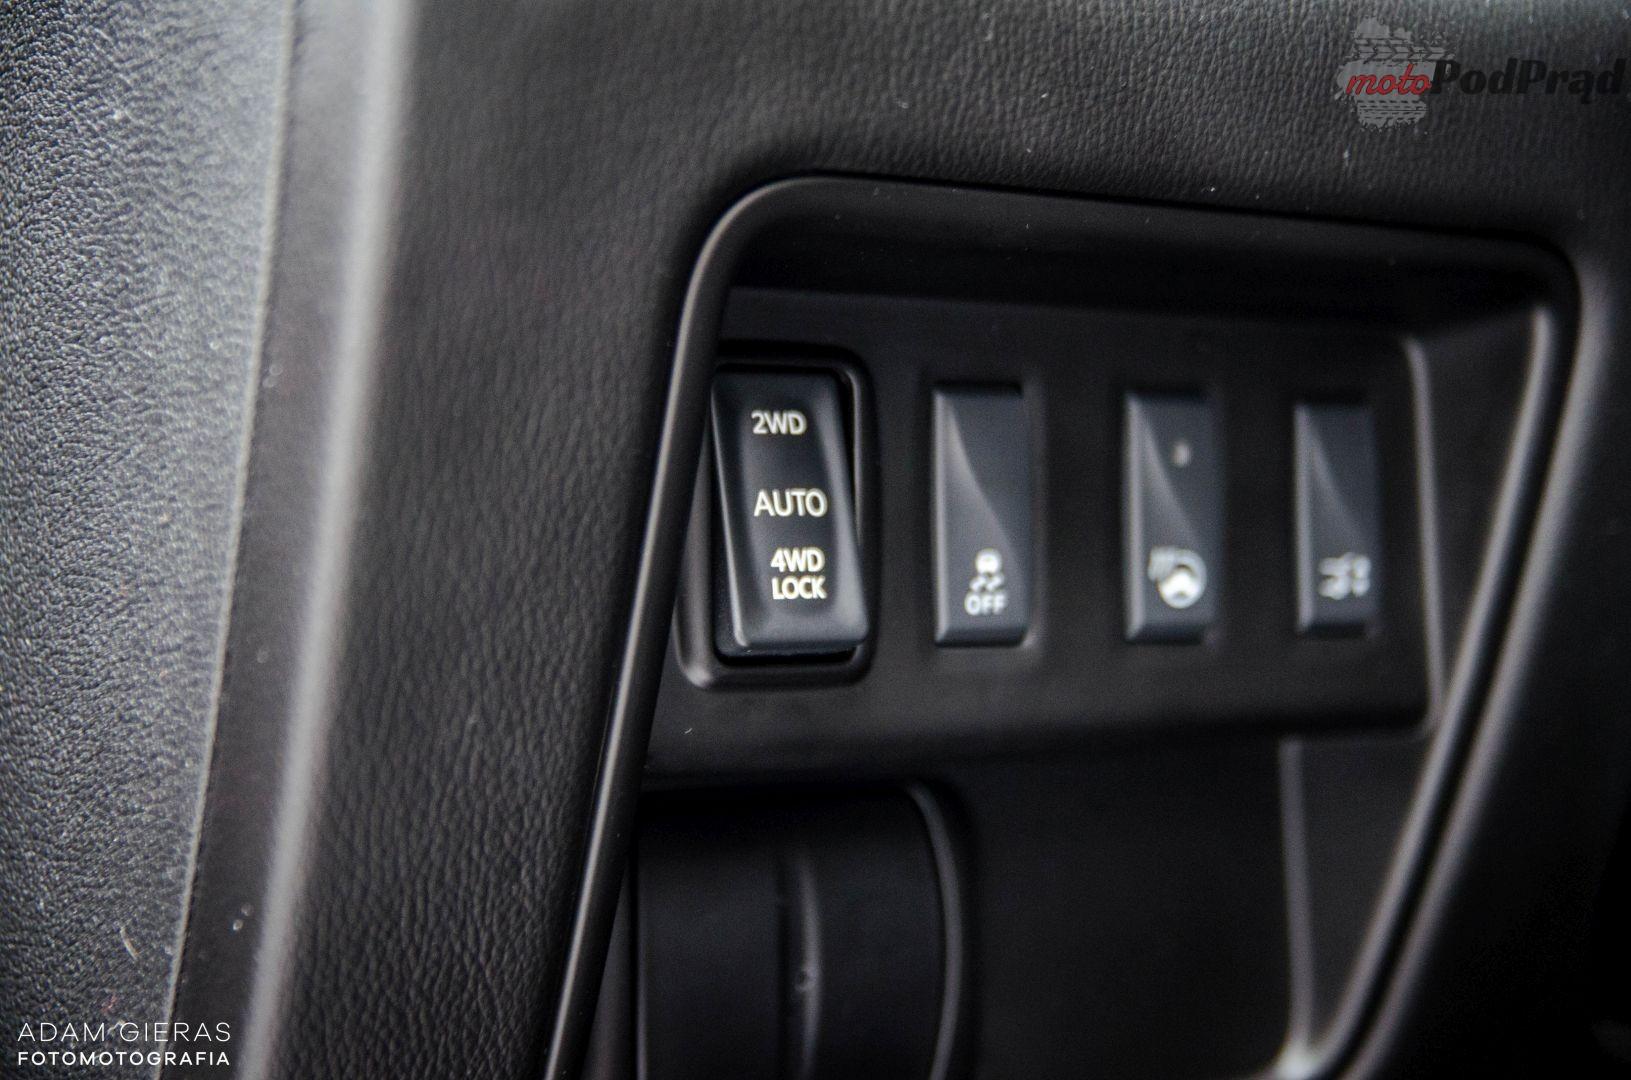 Renault Koleos 13 Test: Renault Koleos 2.0 dCi 4x4 Intens   przyjemny i stateczny